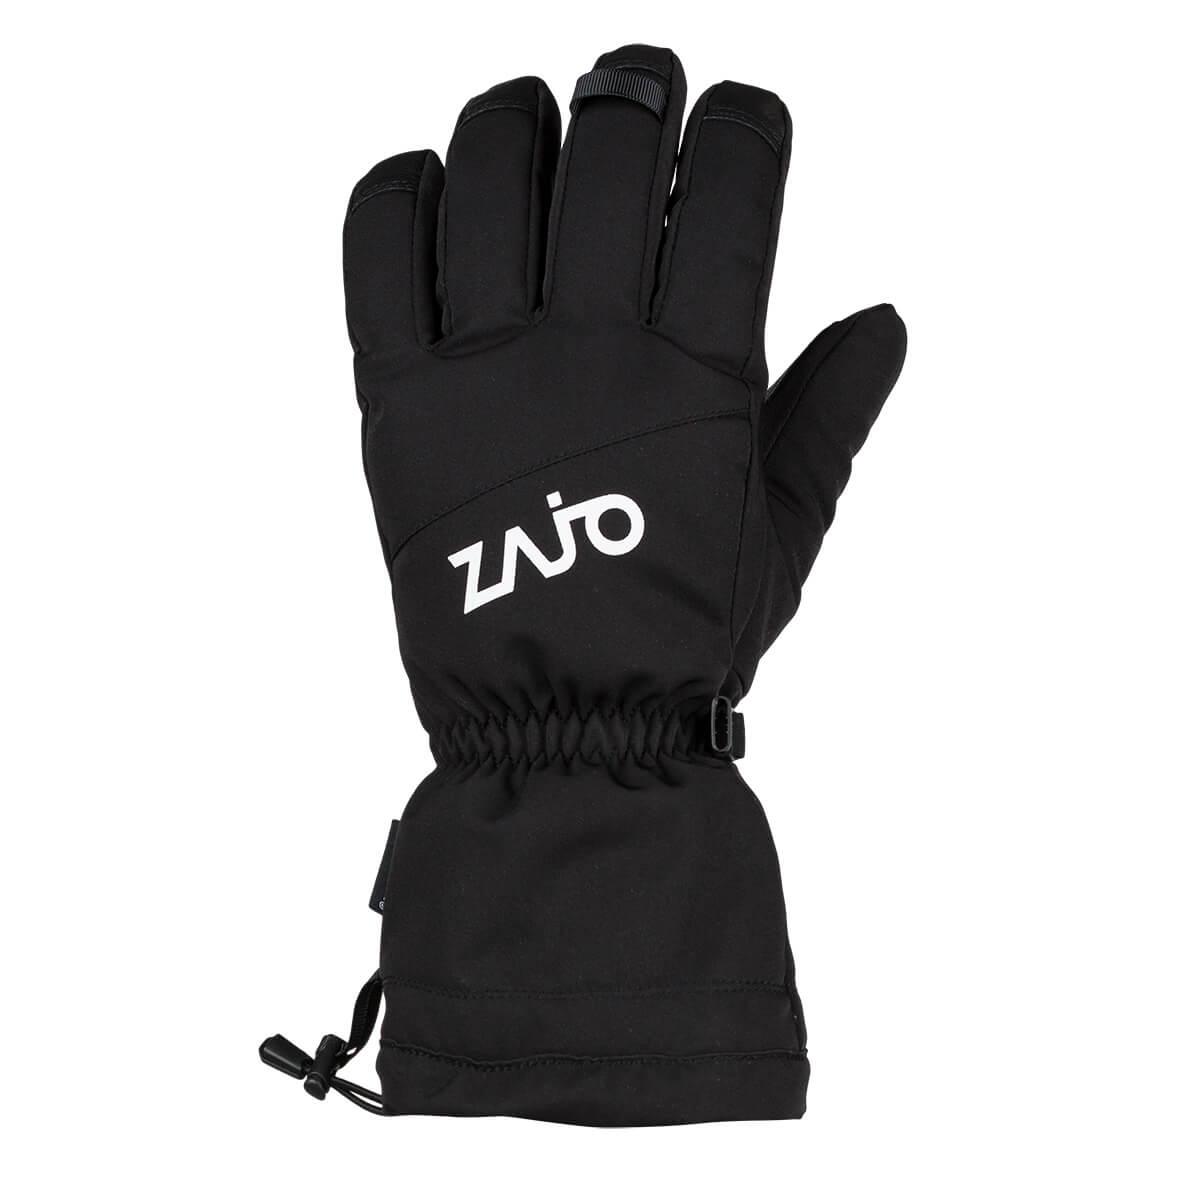 ZAJO Nuuk Gloves Pánske rukavice - veľkosť S